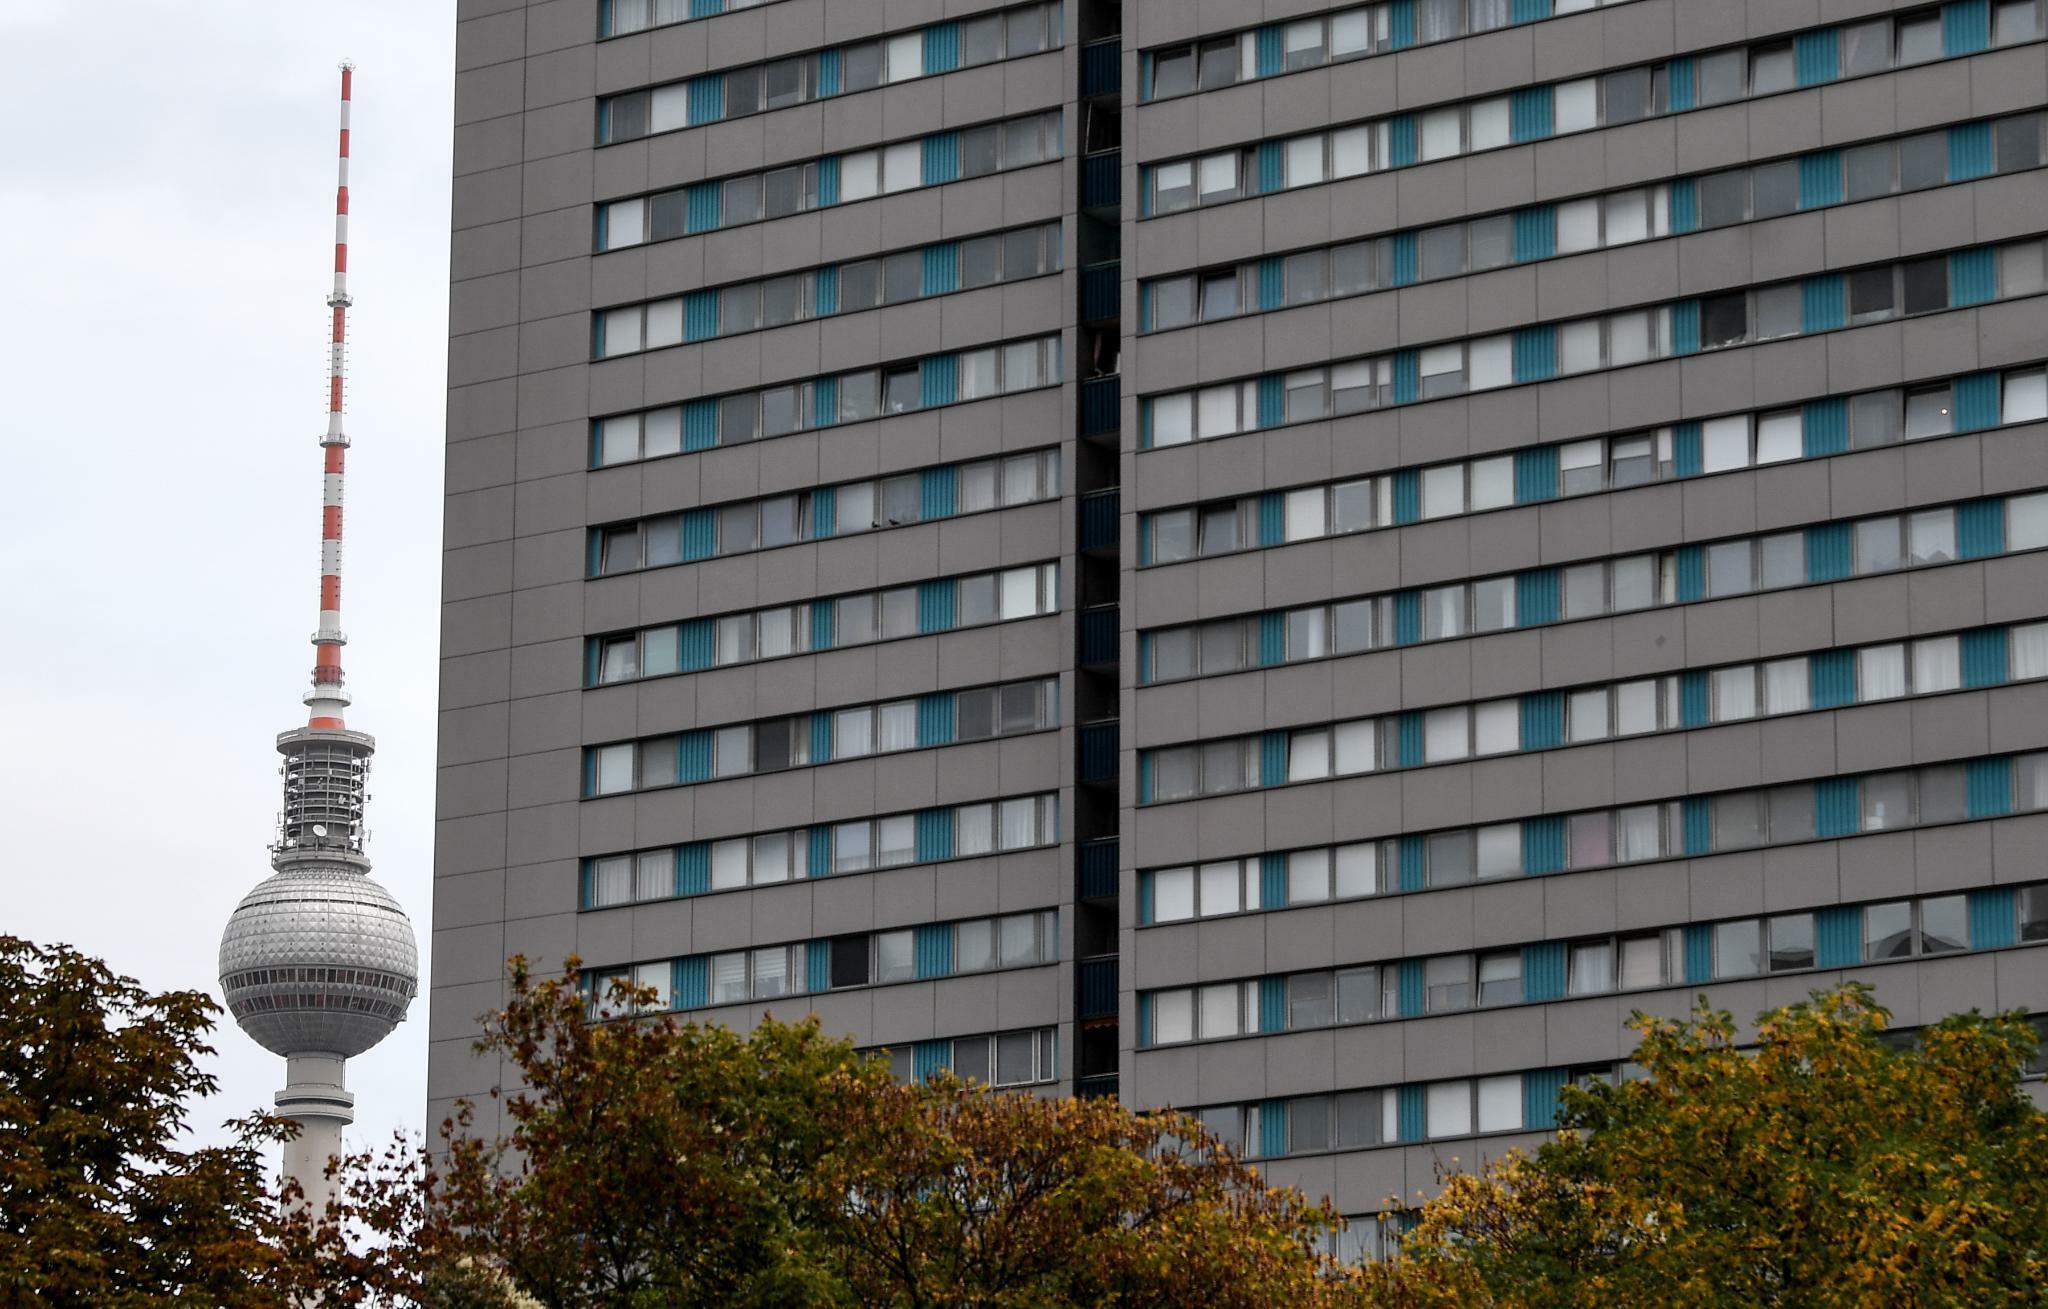 Gut zwei Drittel der Berliner finden Mietendeckel gut